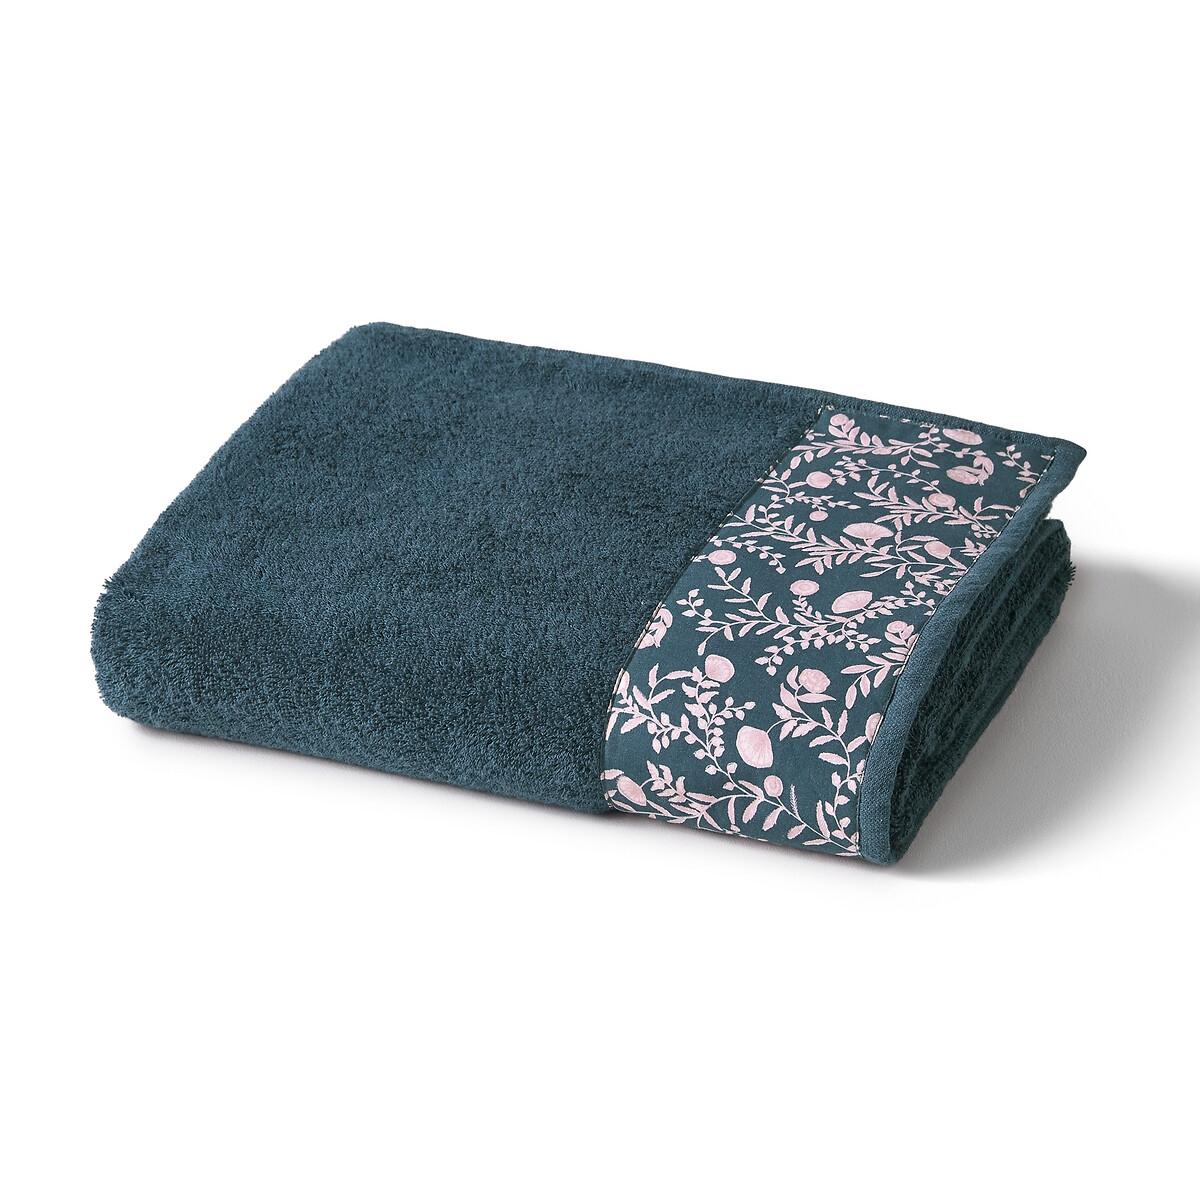 Полотенце La Redoute Банное махровое с окаймлением Vimala 70 x 140 см синий полотенце махровое вт забавный мишка цвет синий 33 х 70 см м1053 01